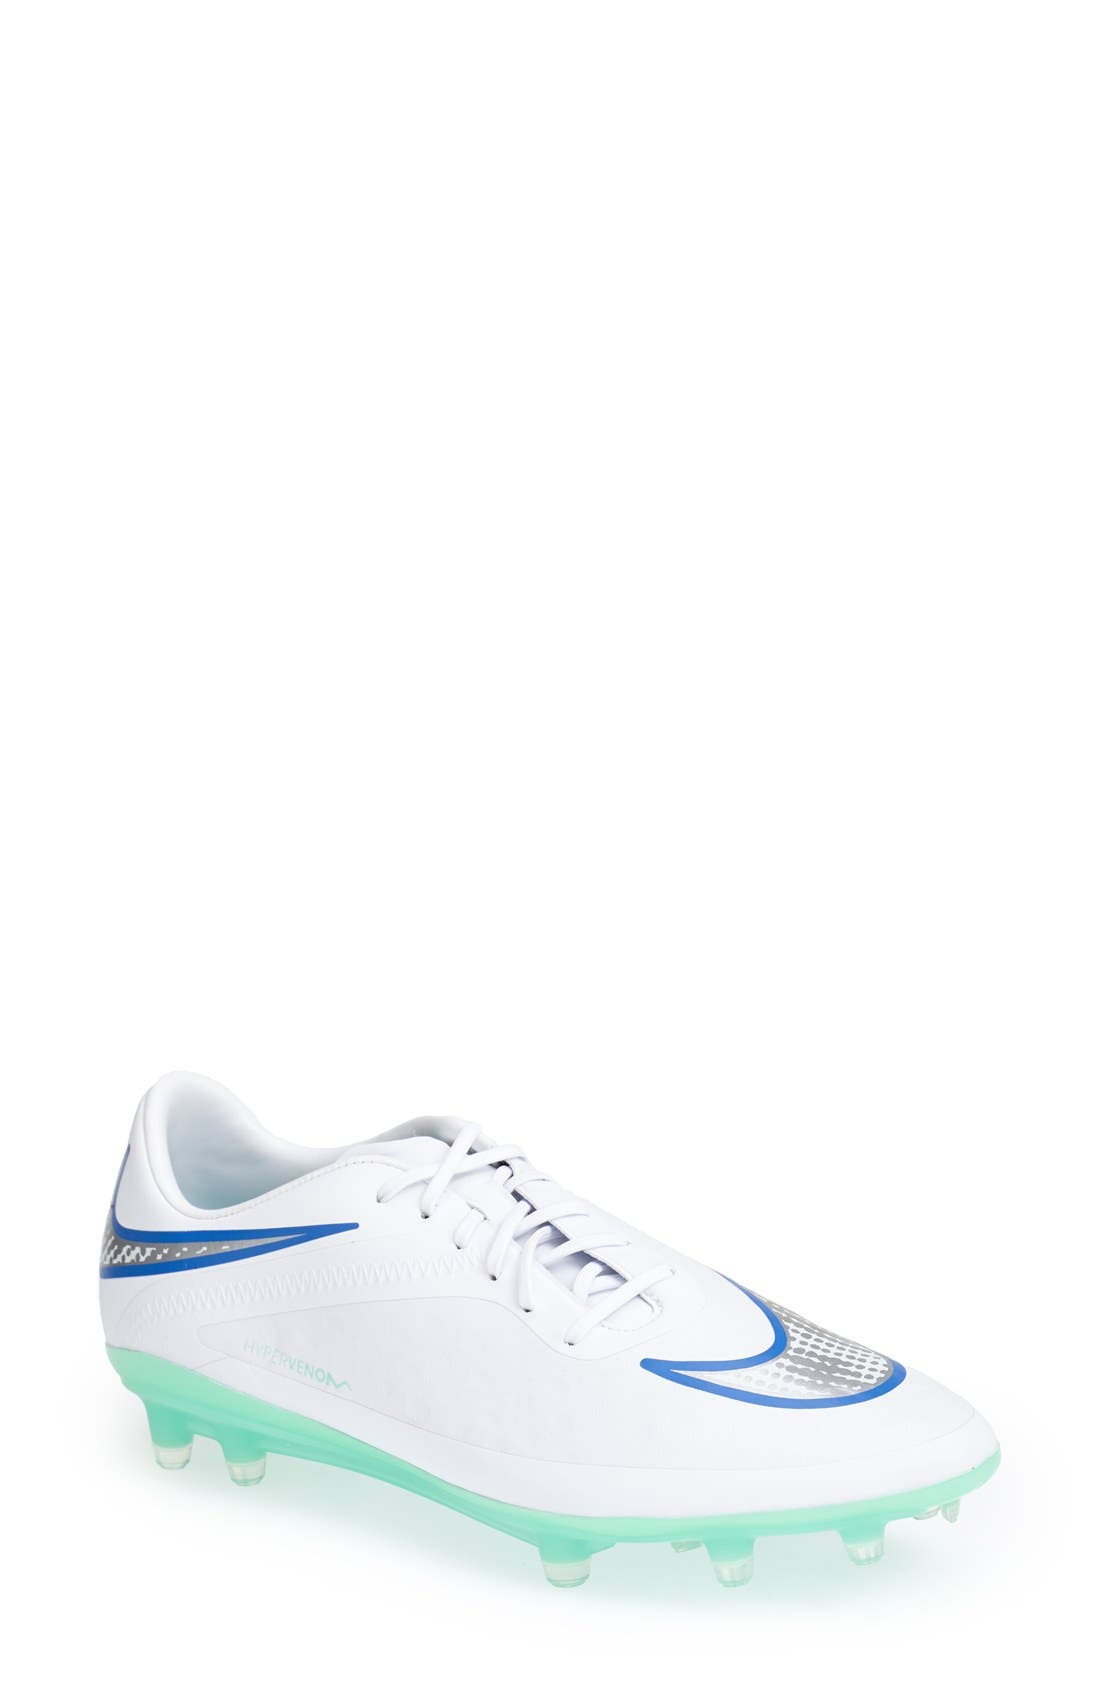 Main Image - Nike 'Hypervenom Phatal' Firm Ground Soccer Cleat (Women)